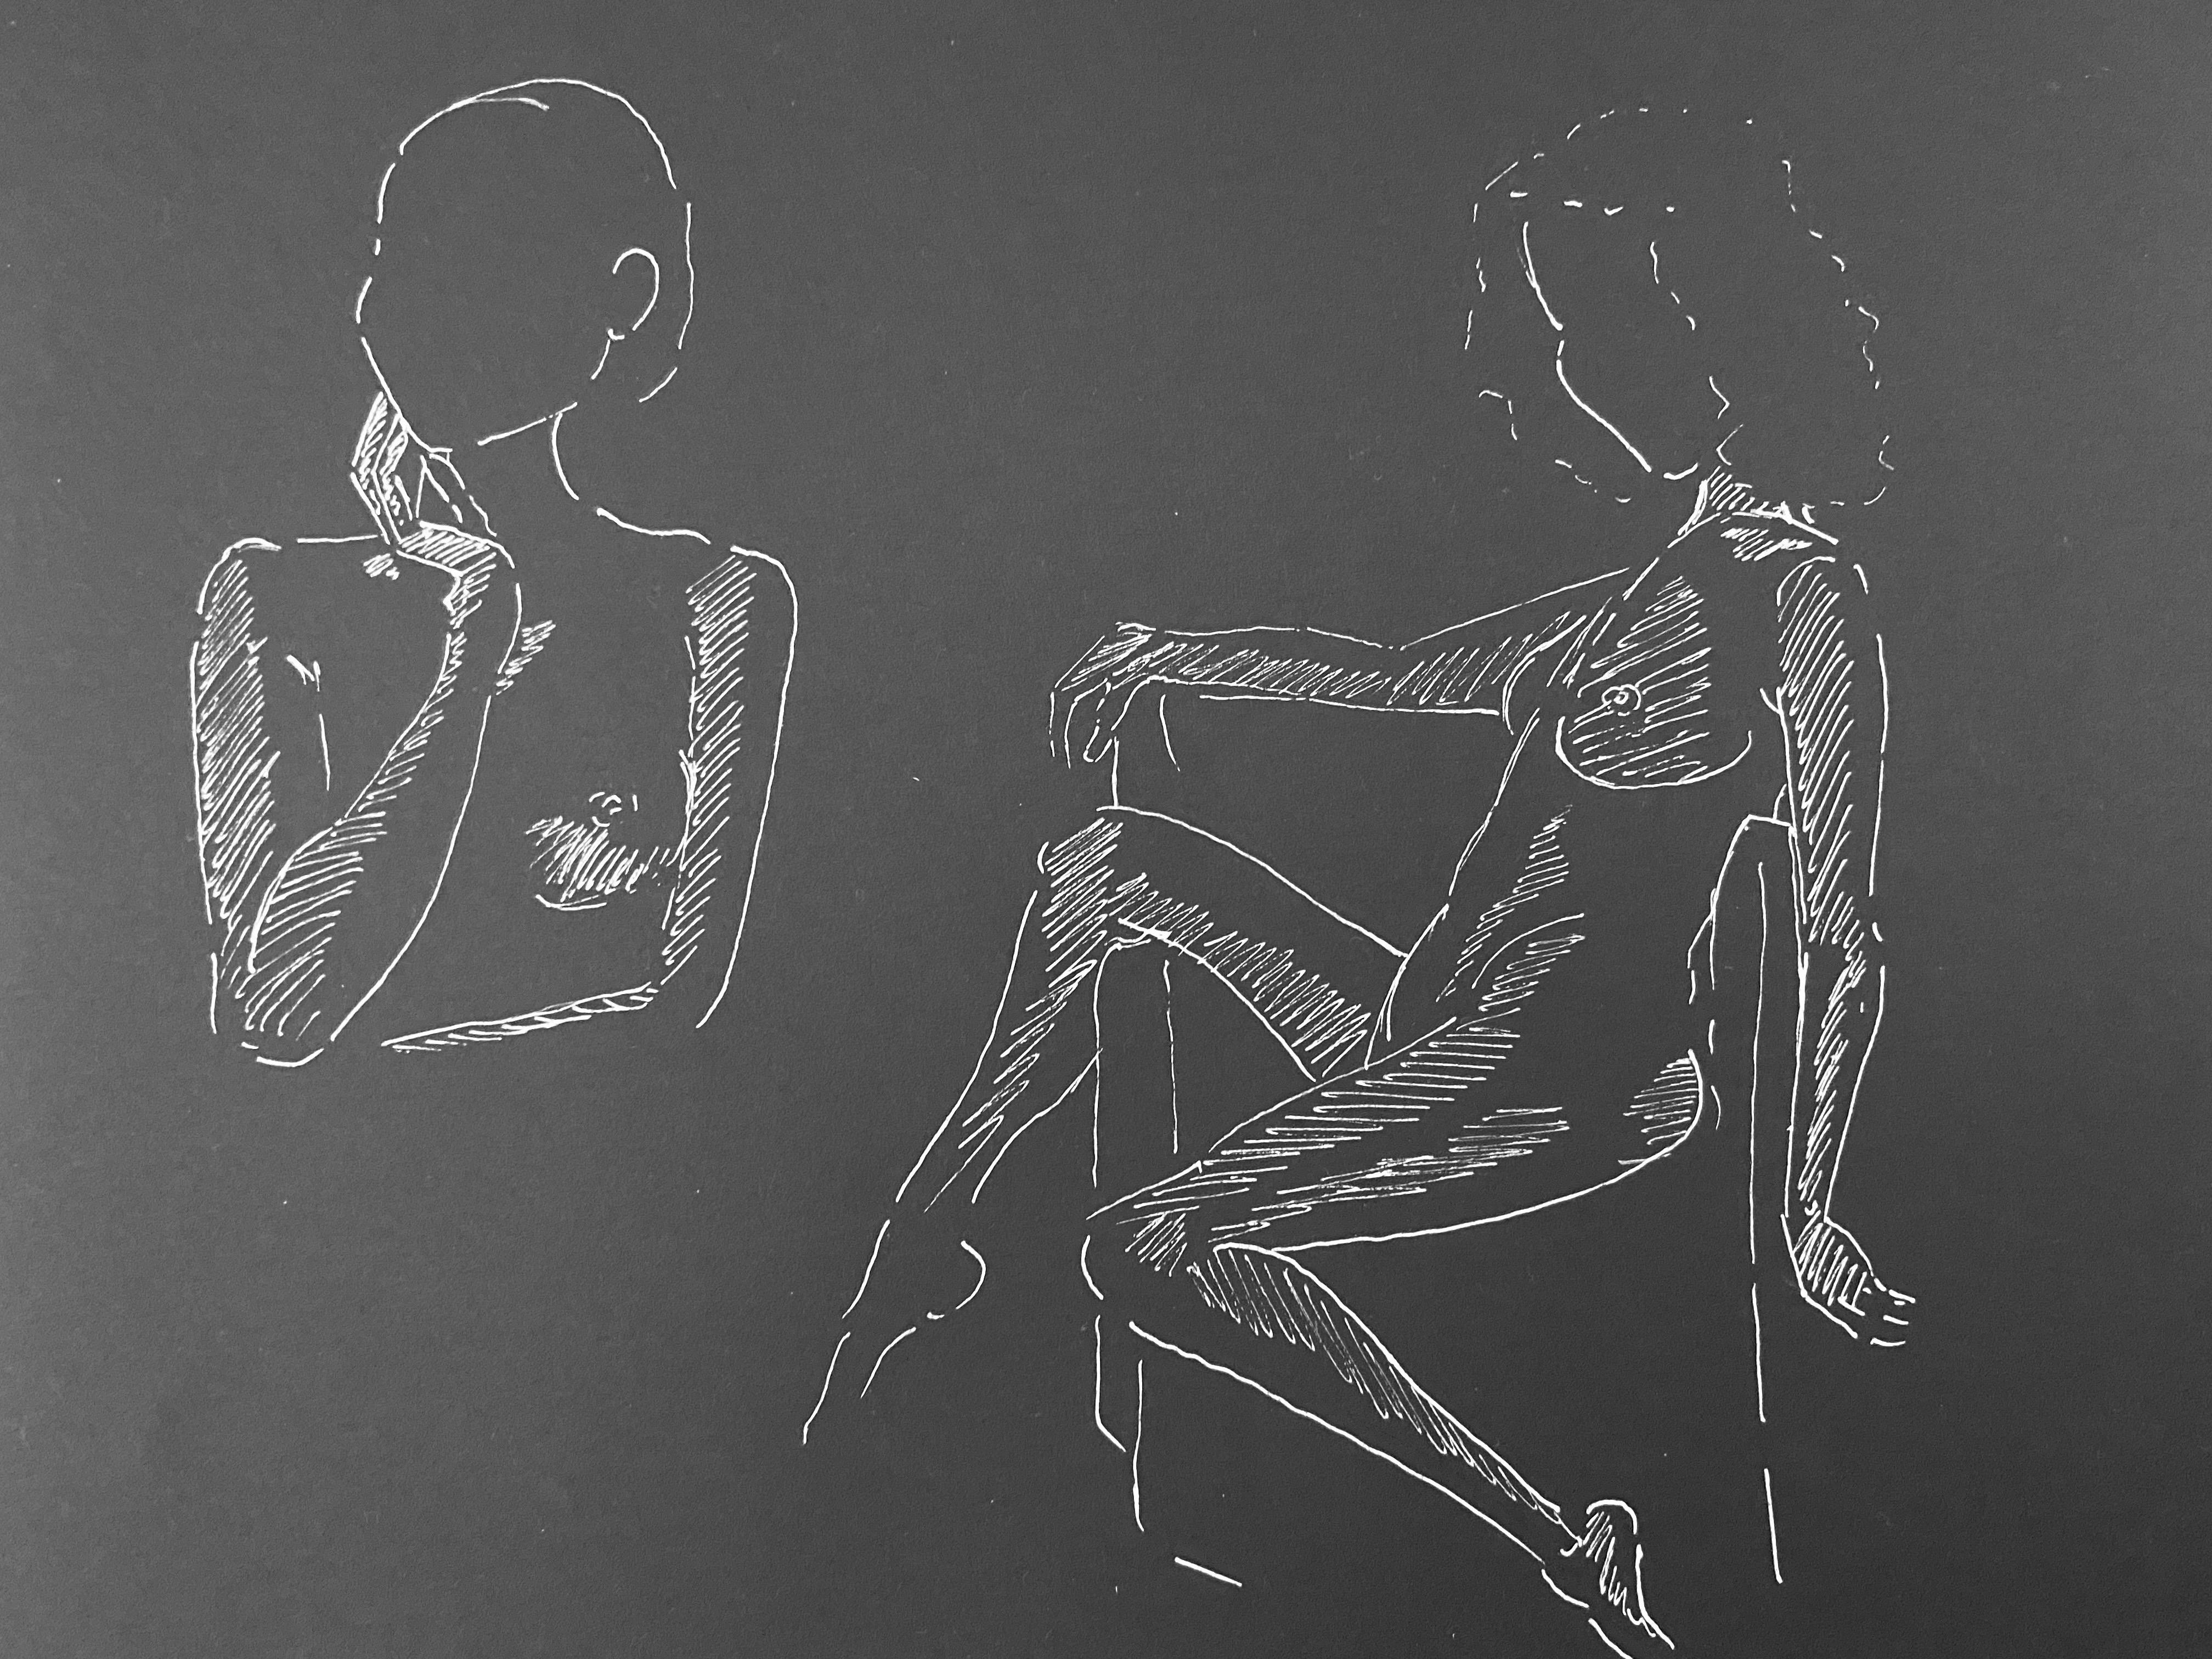 Étude sur papier noir dessin au feutre blanc  cours de dessin